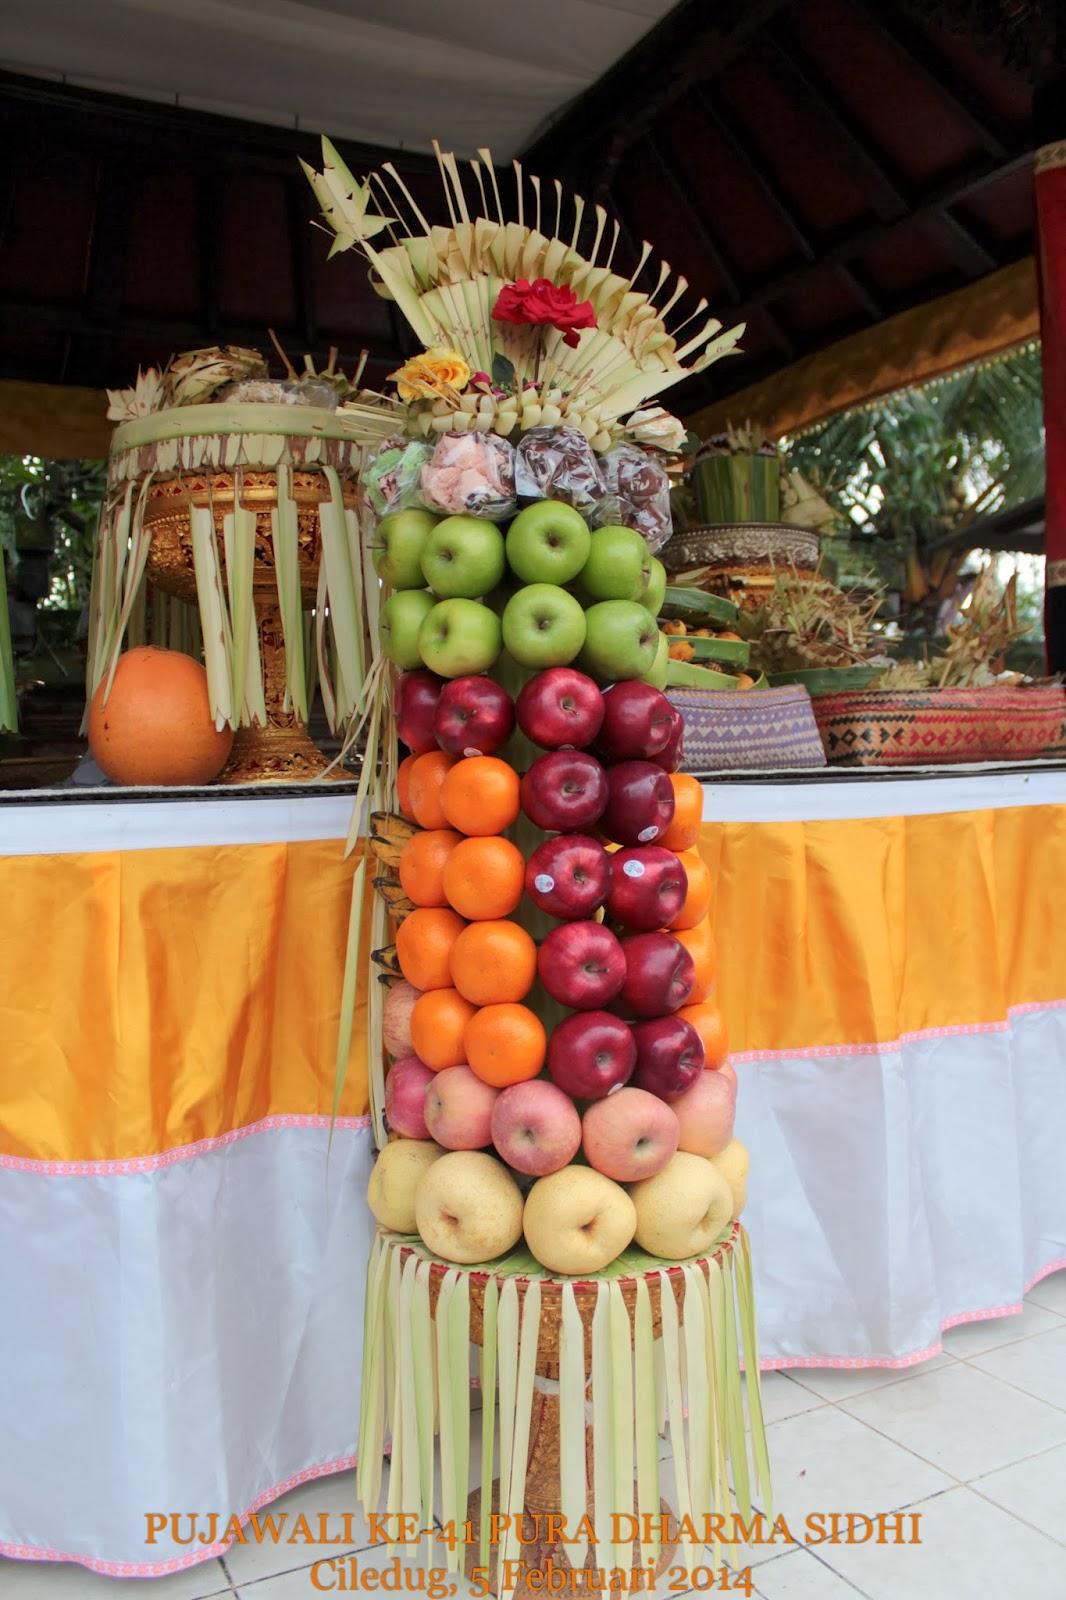 Gebogan buah apel